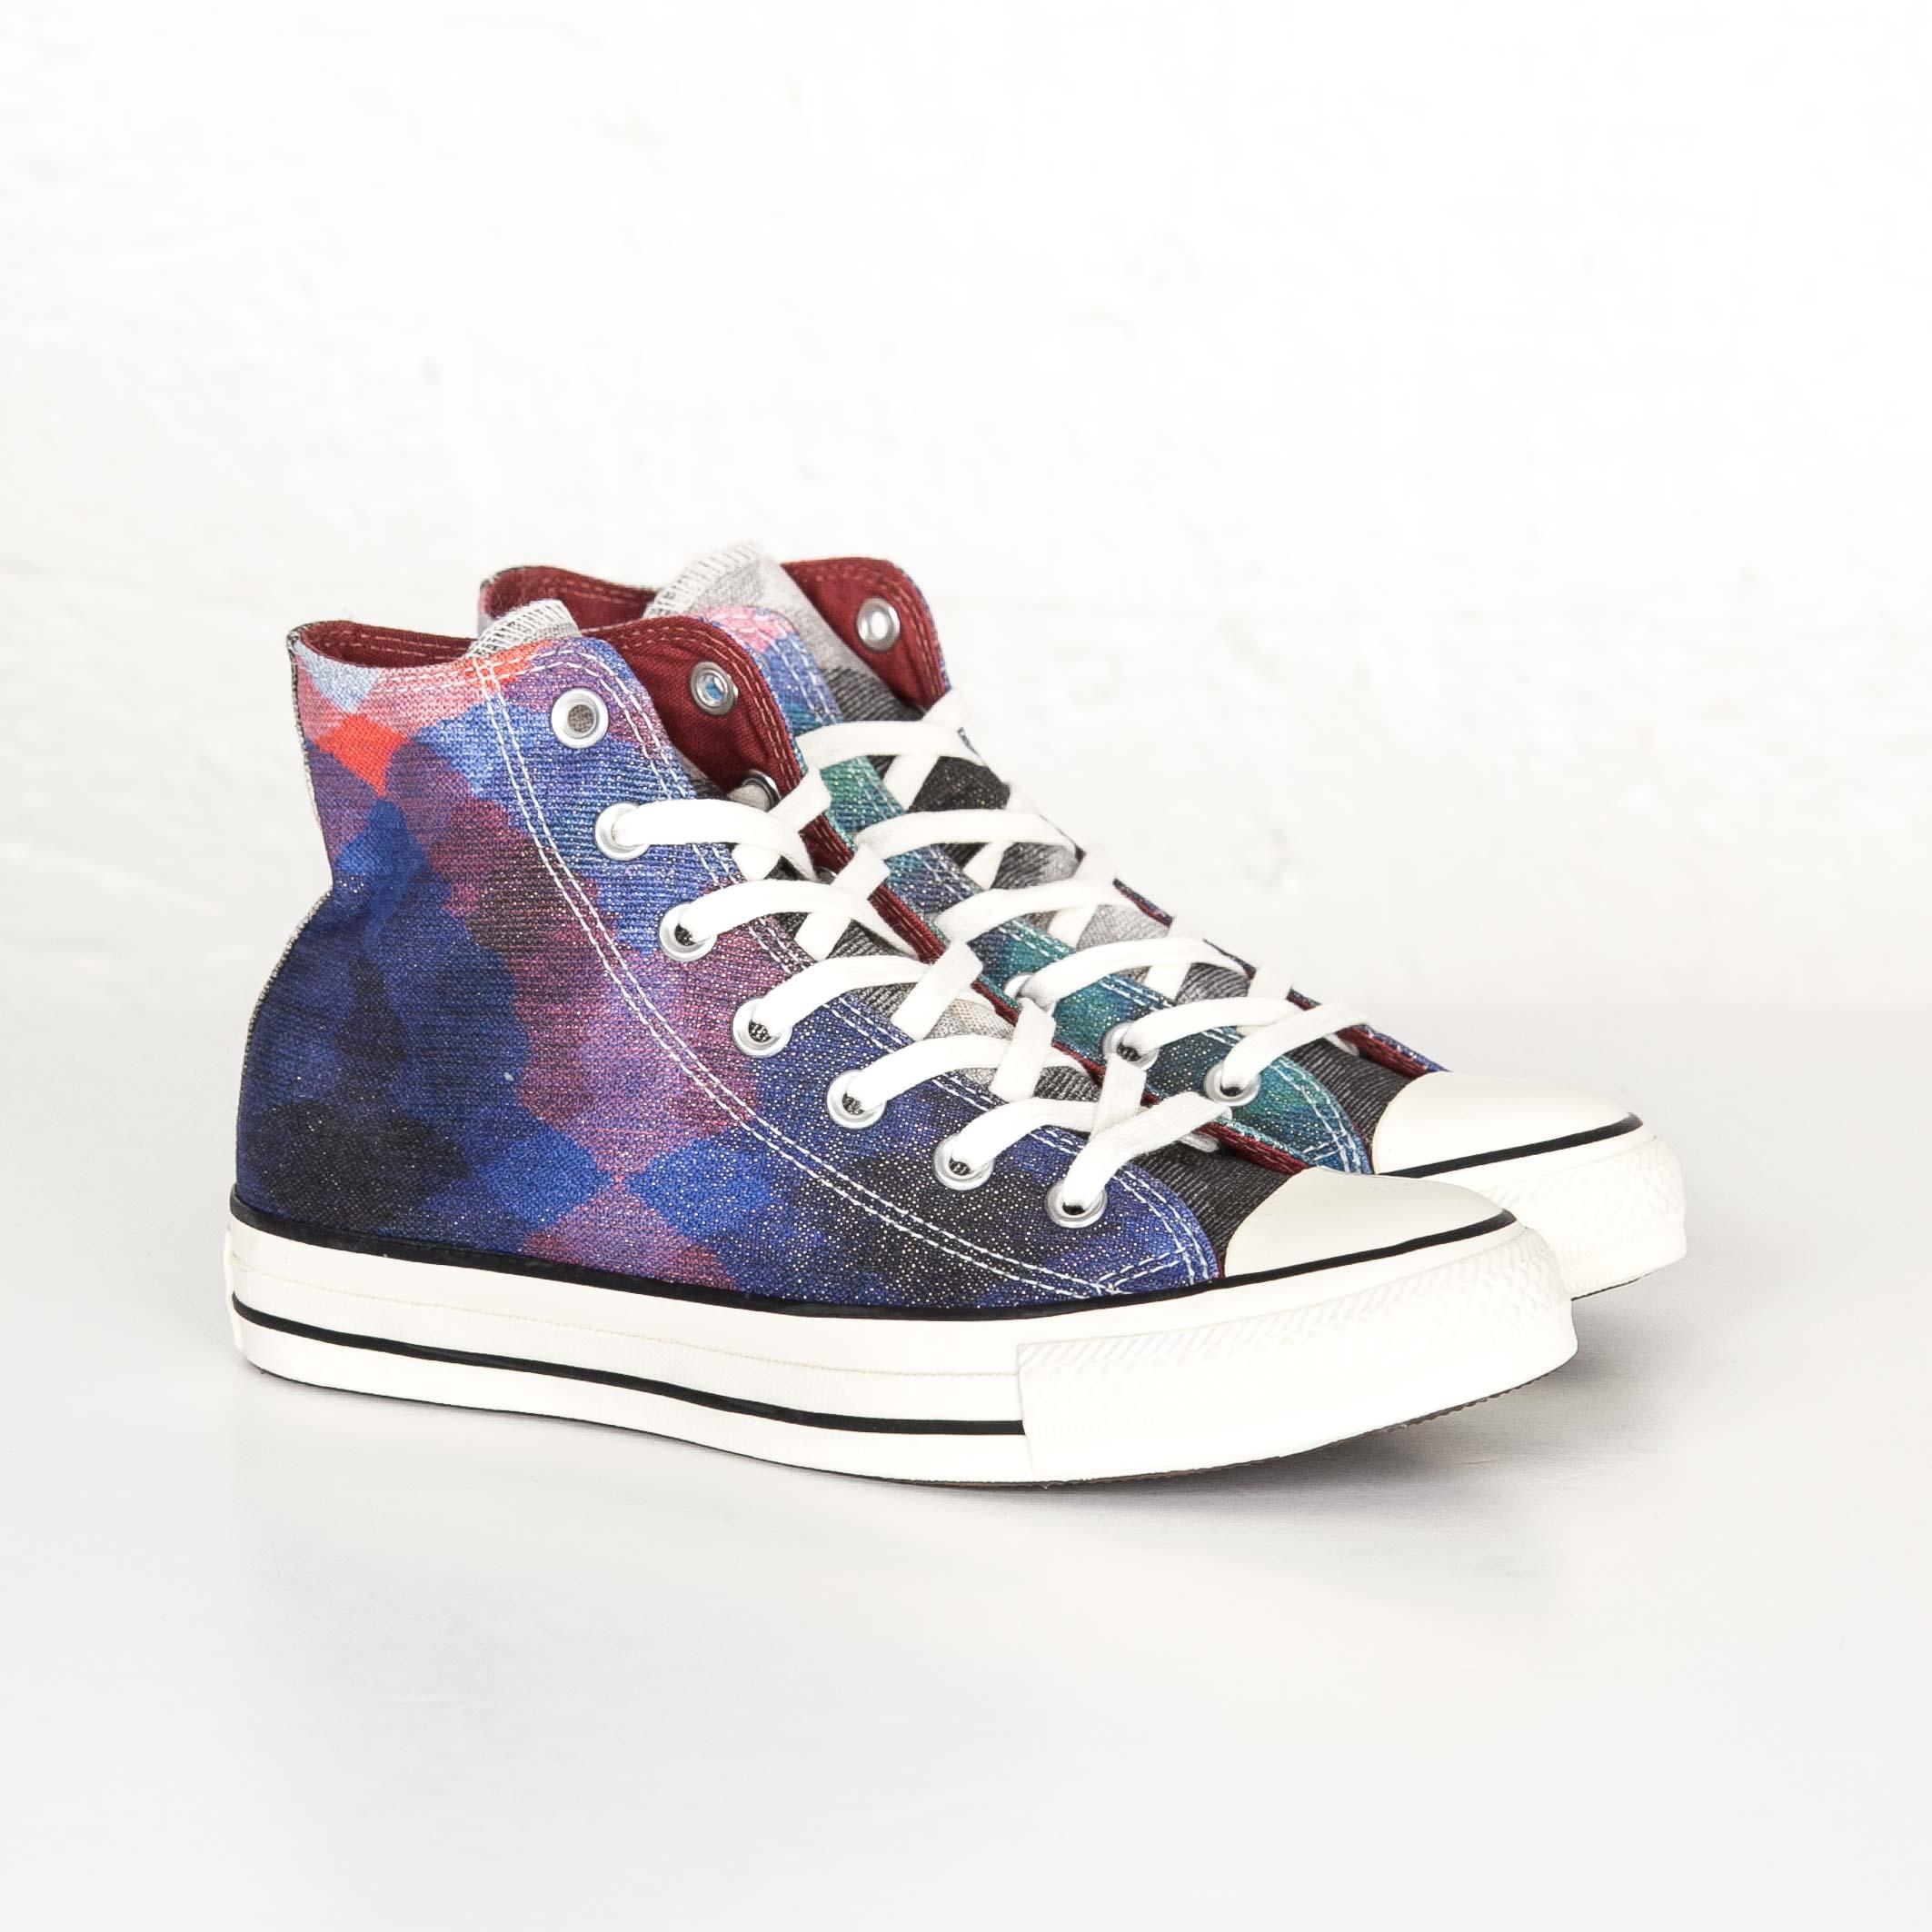 Converse Chuck Taylor All Star x Missoni - 149689c - Sneakersnstuff ... b8bf699b4